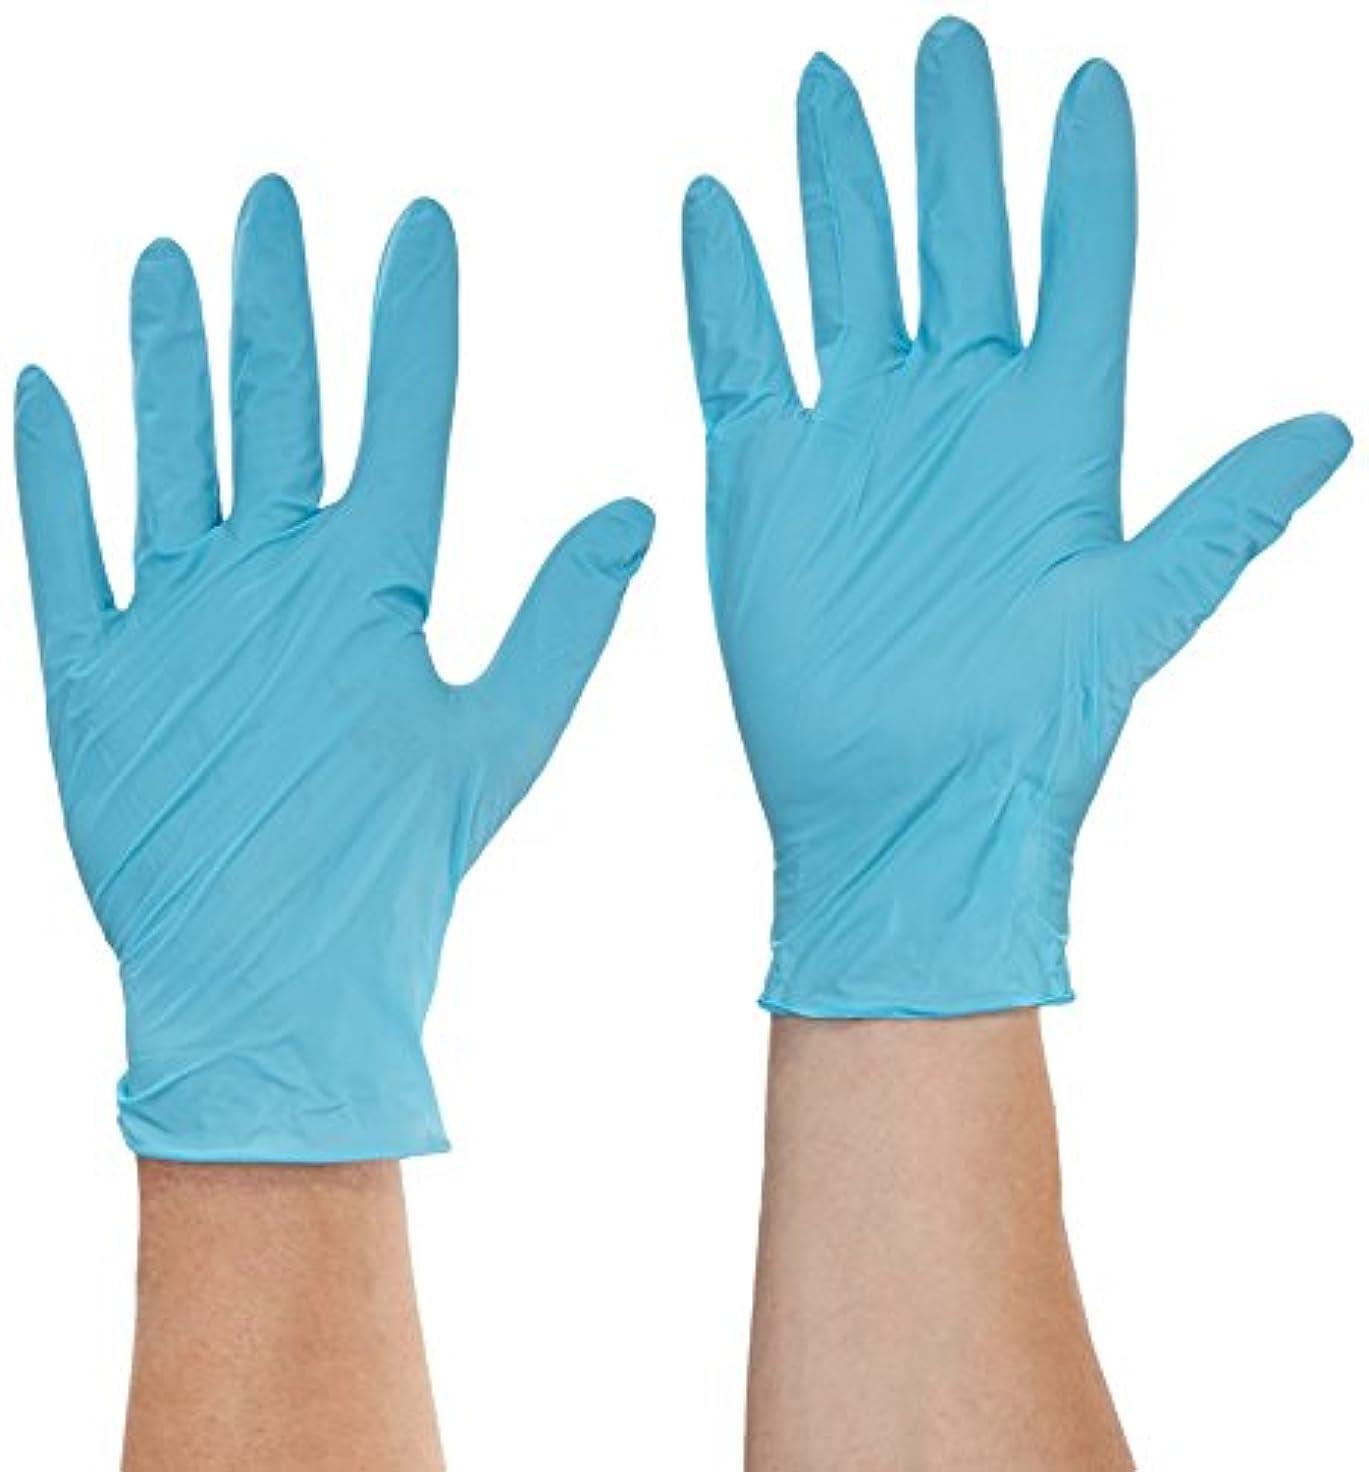 リンス主張するブレスSemperit 使い捨てニトリル手袋 Xpert 0.24mm 粉無 緑青 L(入数:90枚) 3000001630